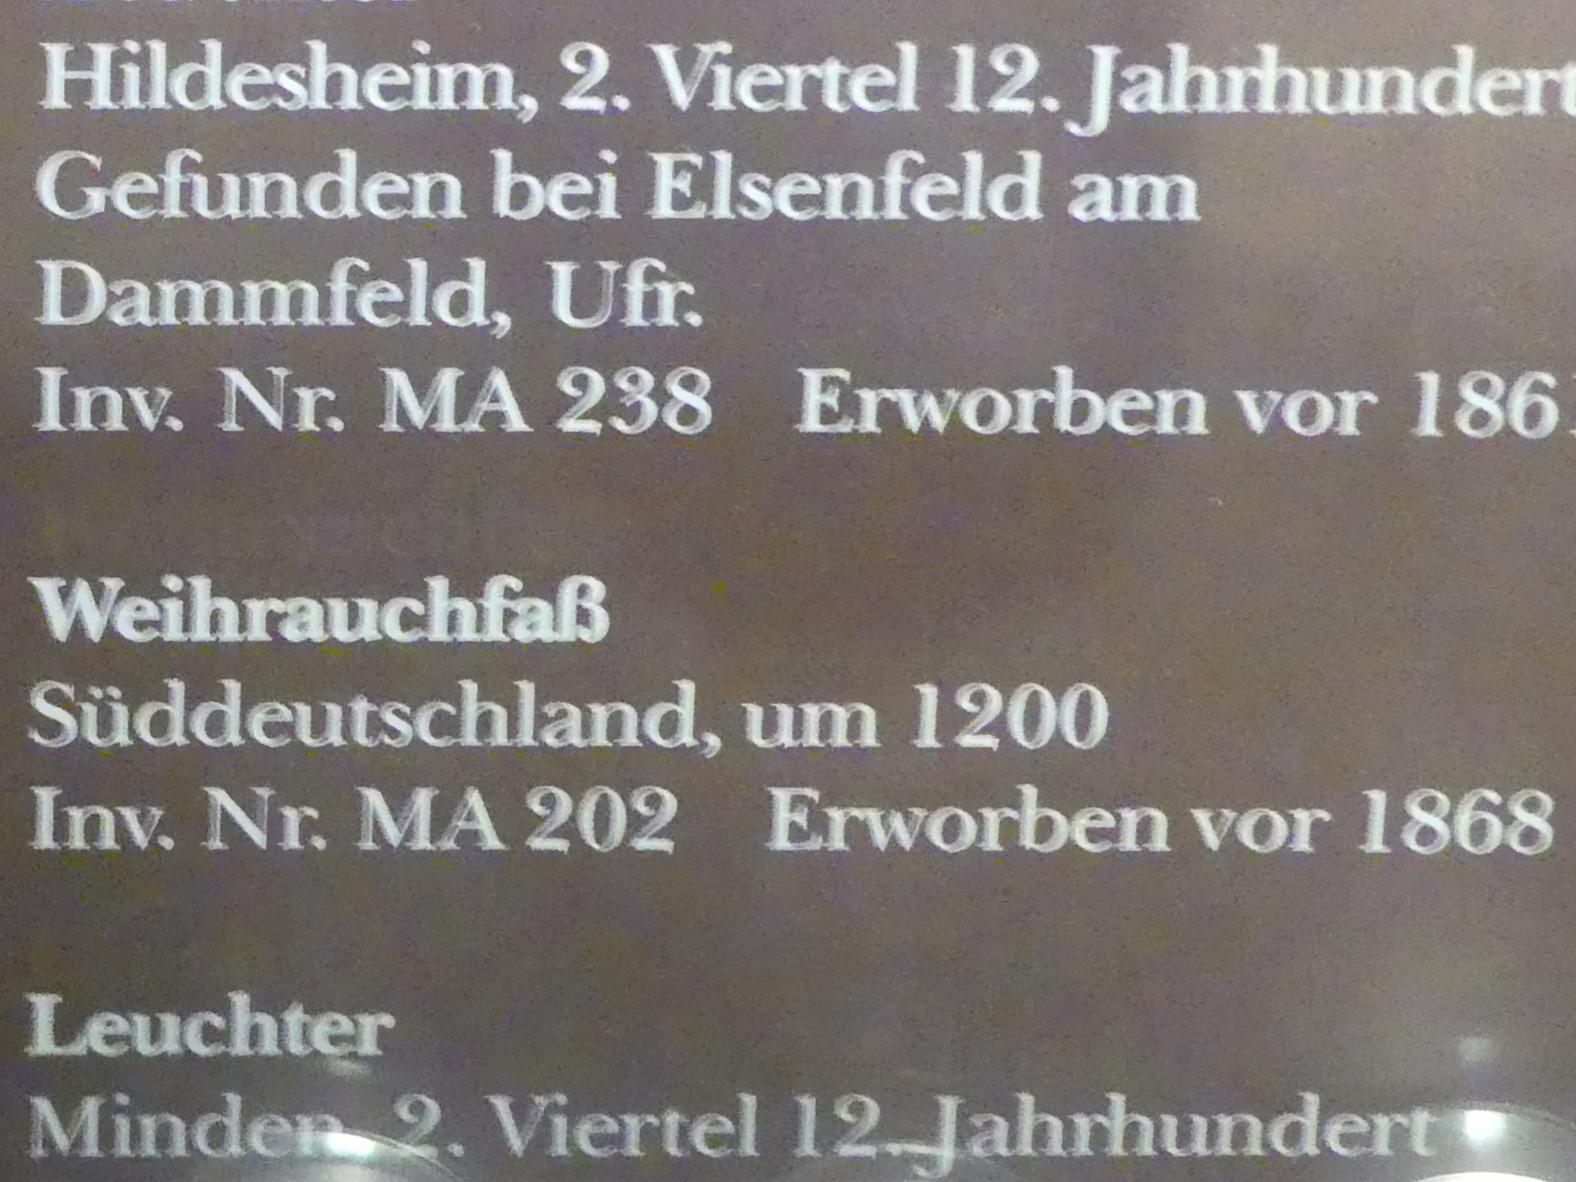 Weihrauchfass, um 1200, Bild 2/2